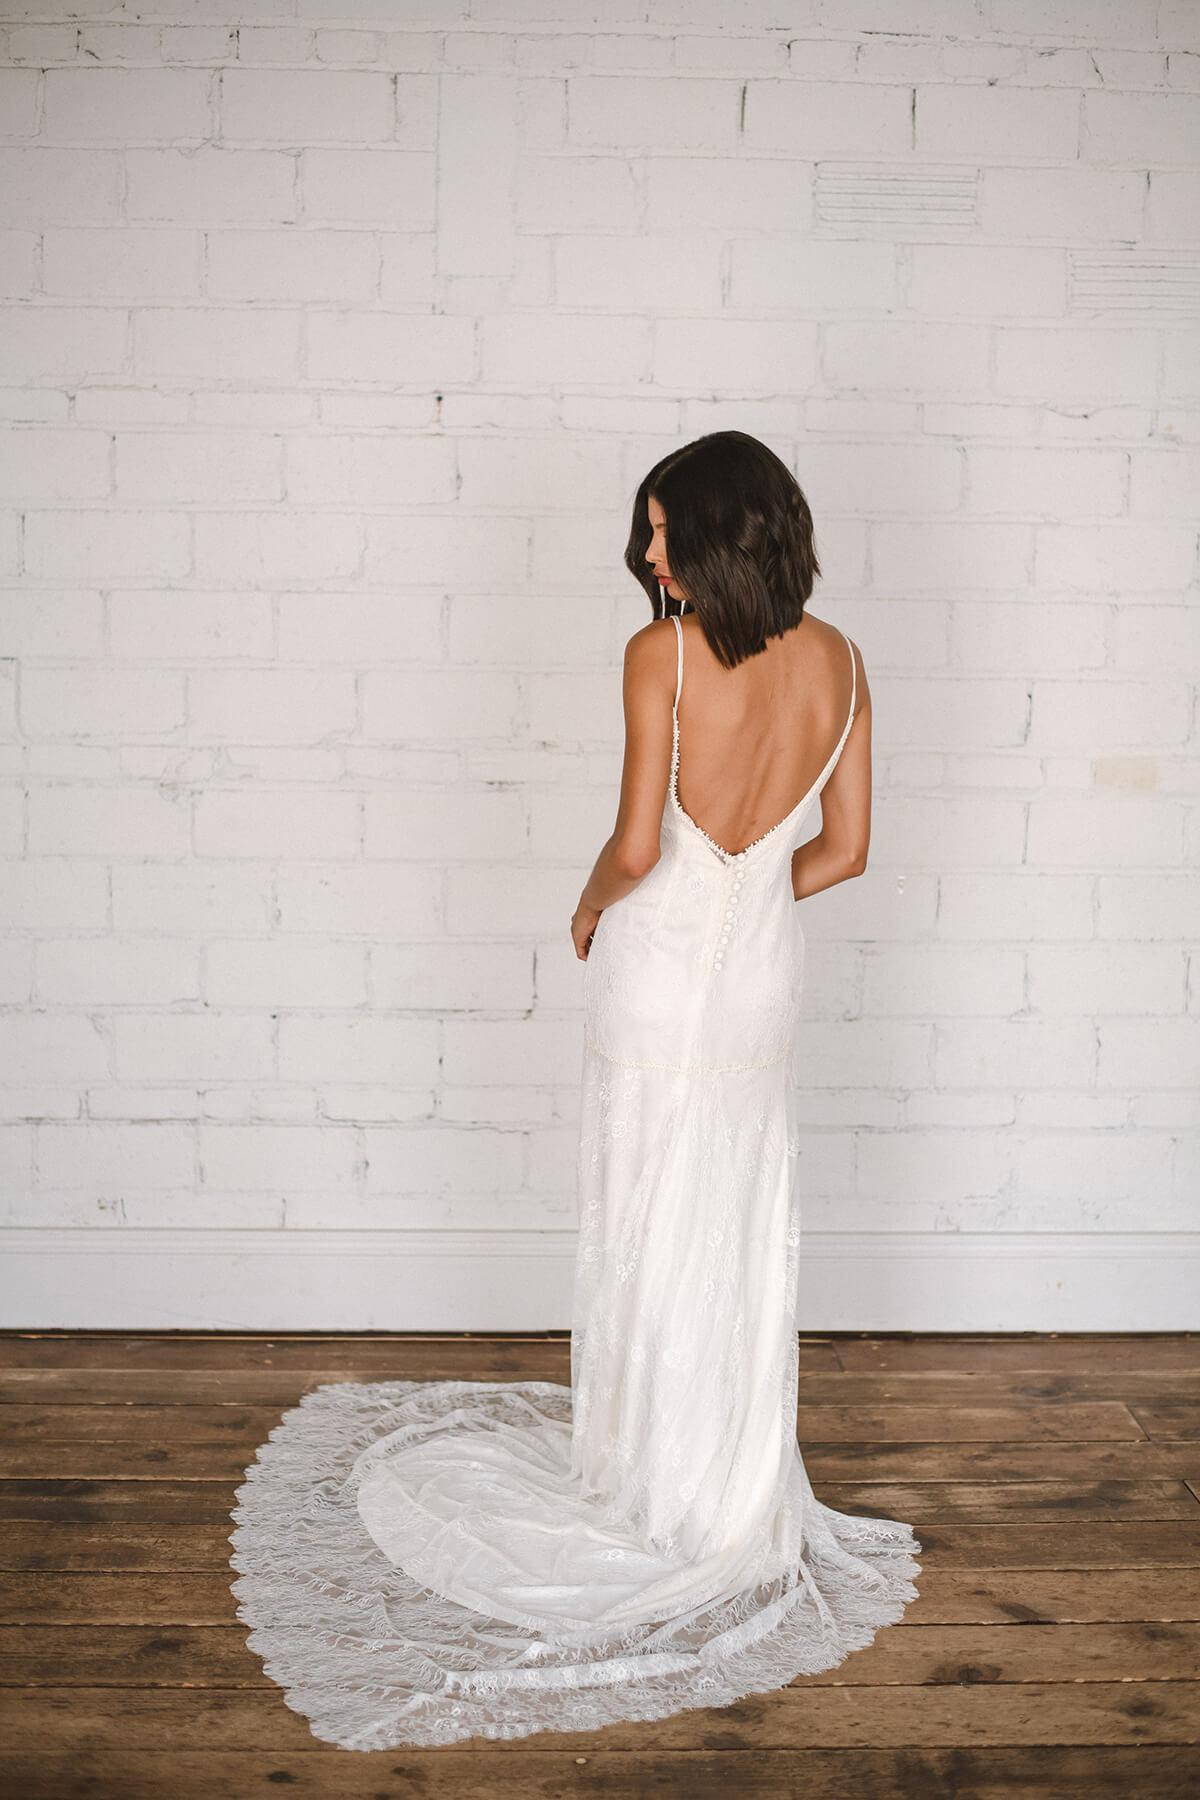 Eco-Friendly Wedding Dress by Celia Grace